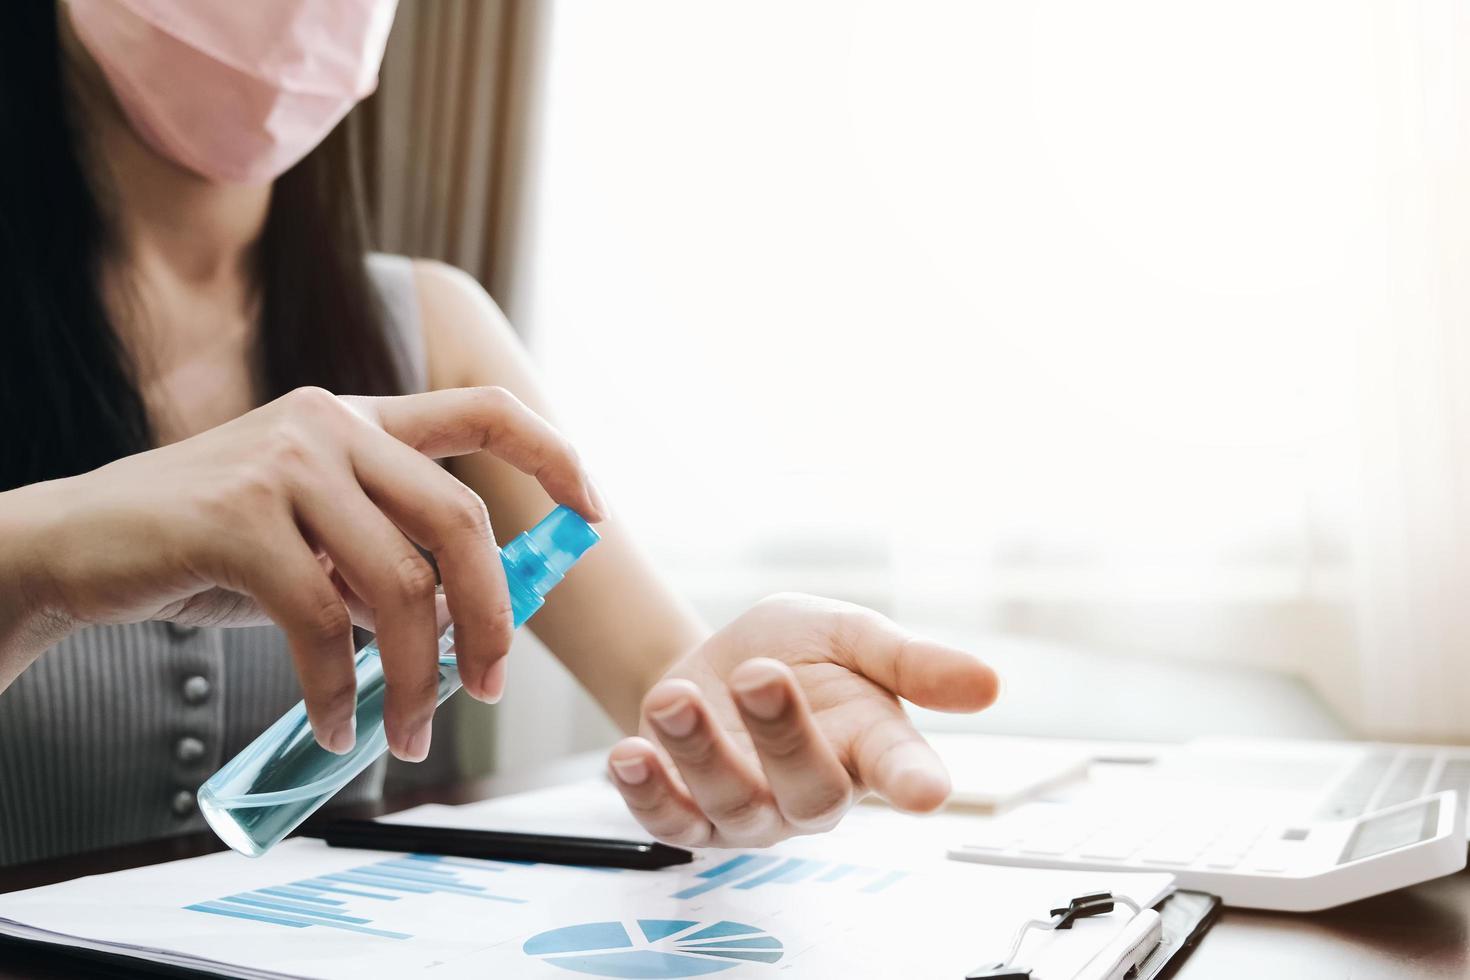 vrouw handen ontsmetten en gezichtsmasker dragen in kantoor aan huis foto